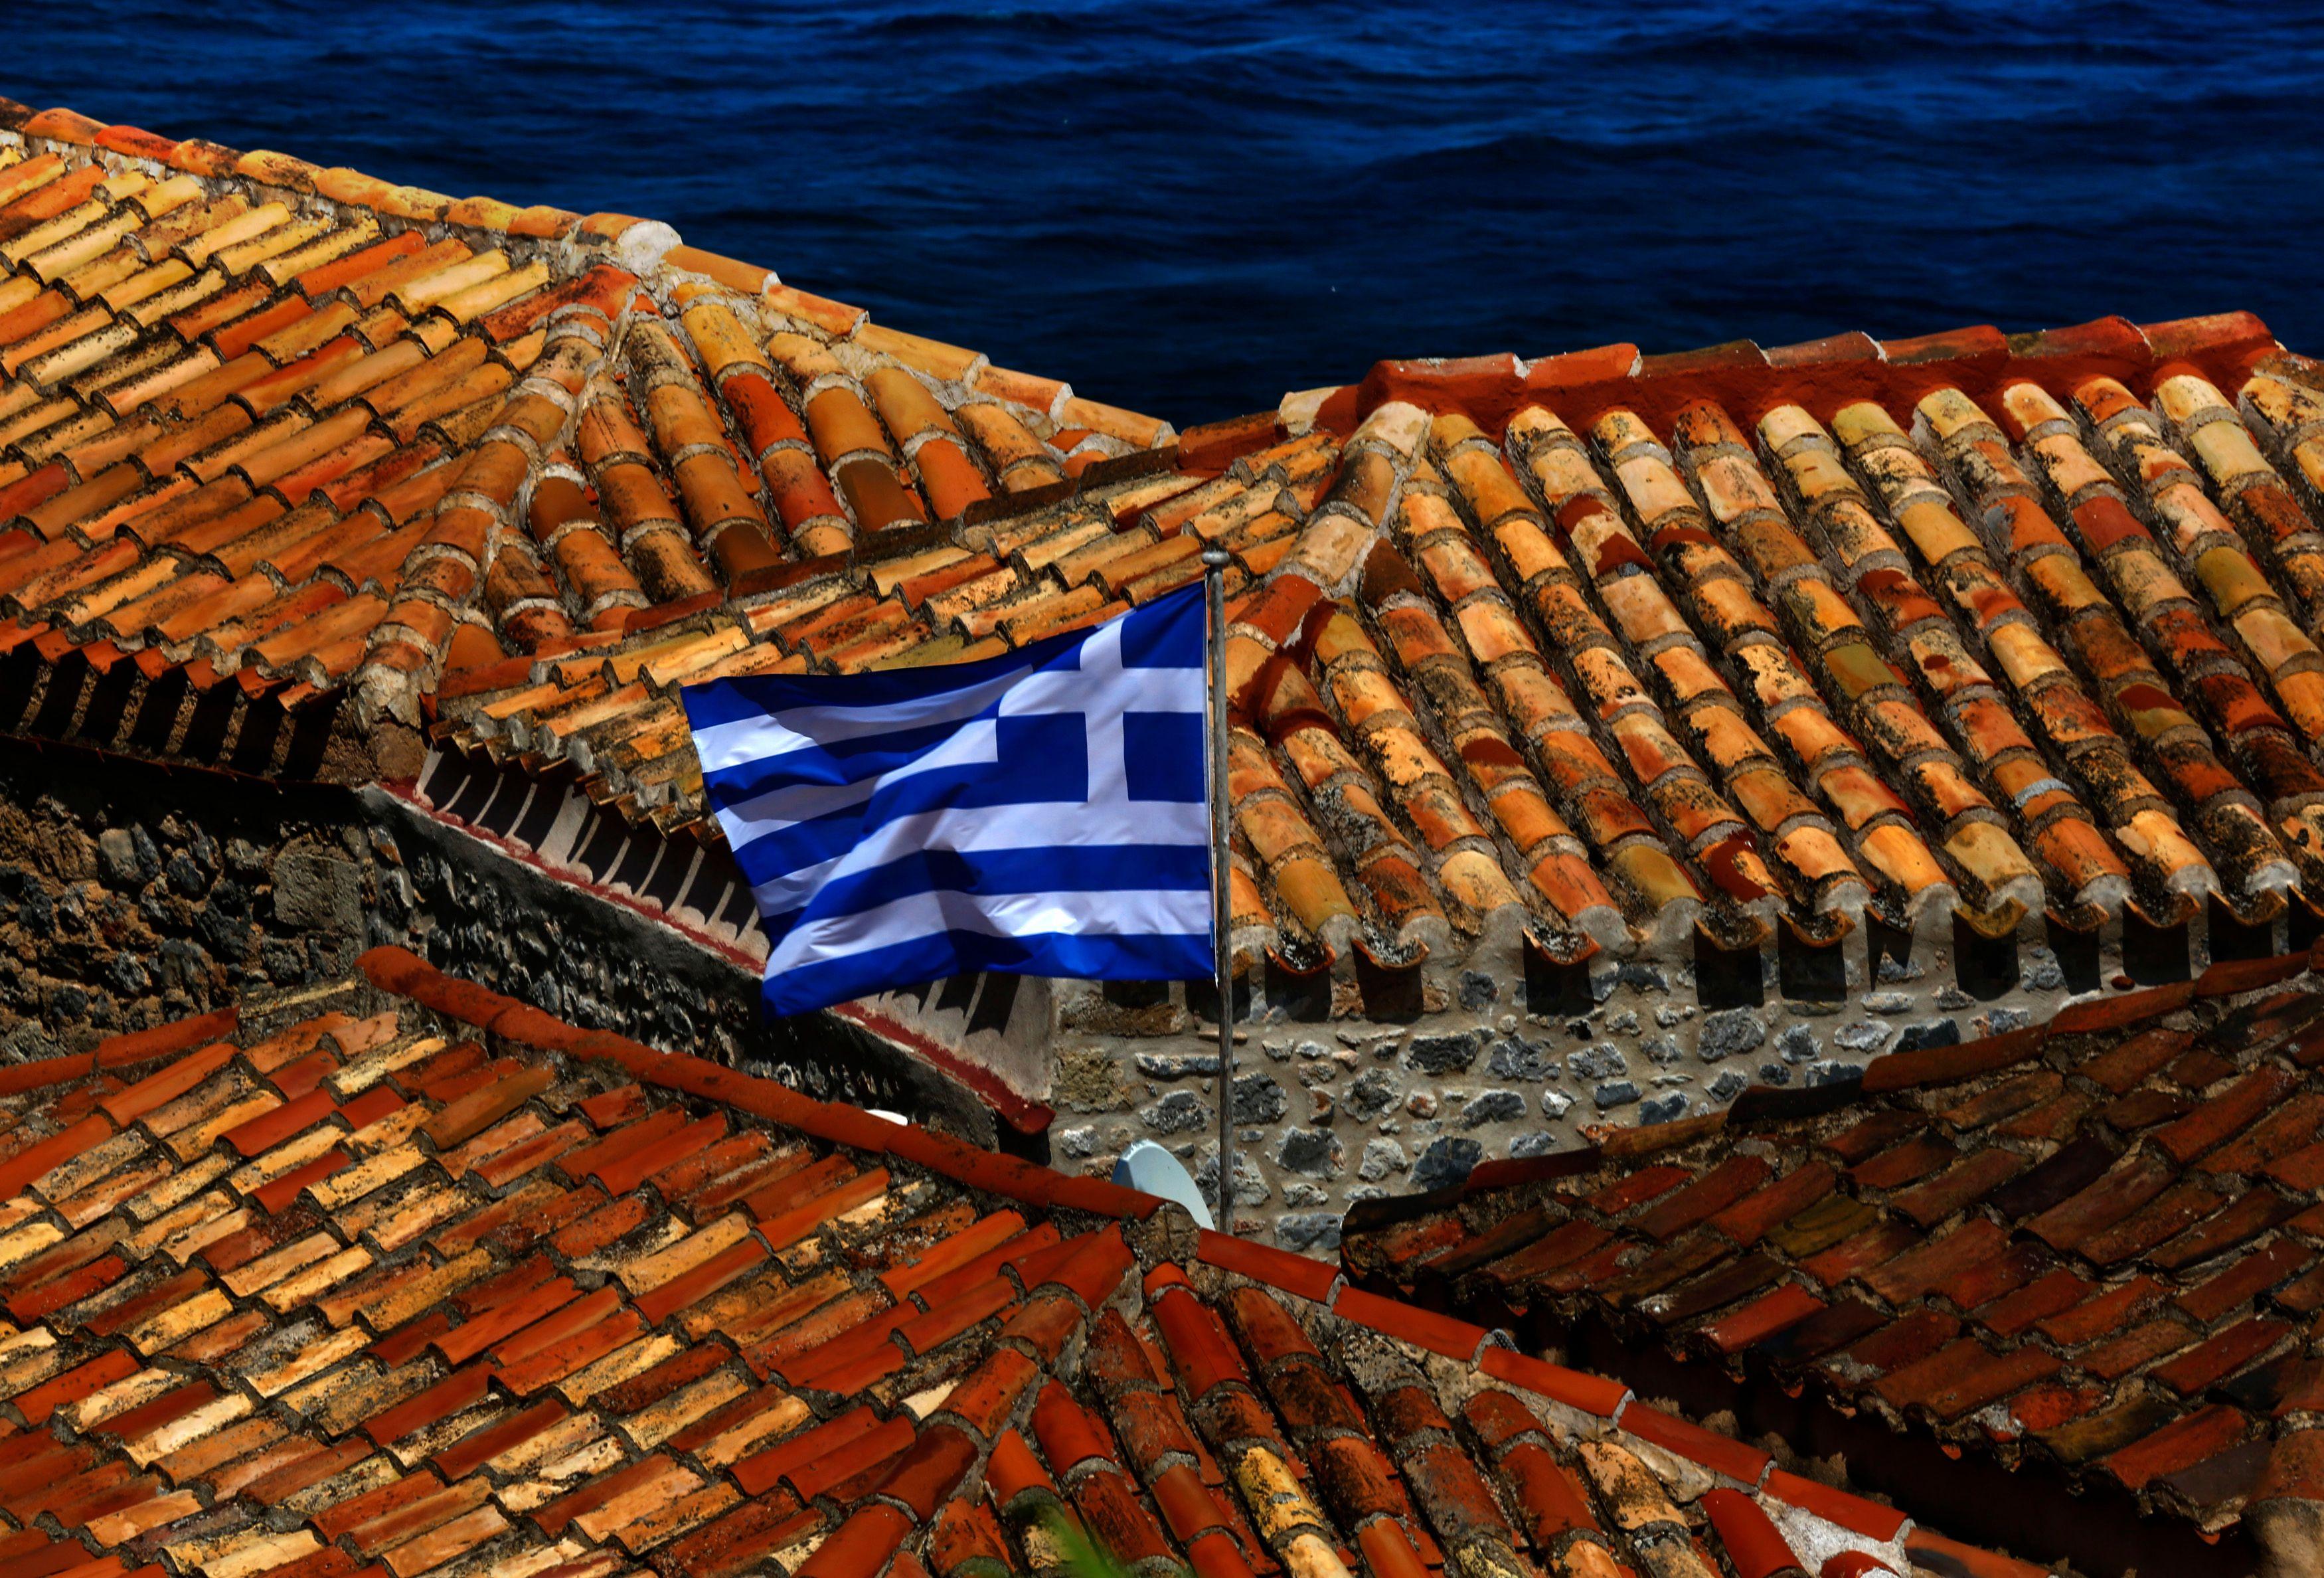 L'issue des législatives en Grèce ajoute une lourde incertitude sur l'avenir de la zone euro.